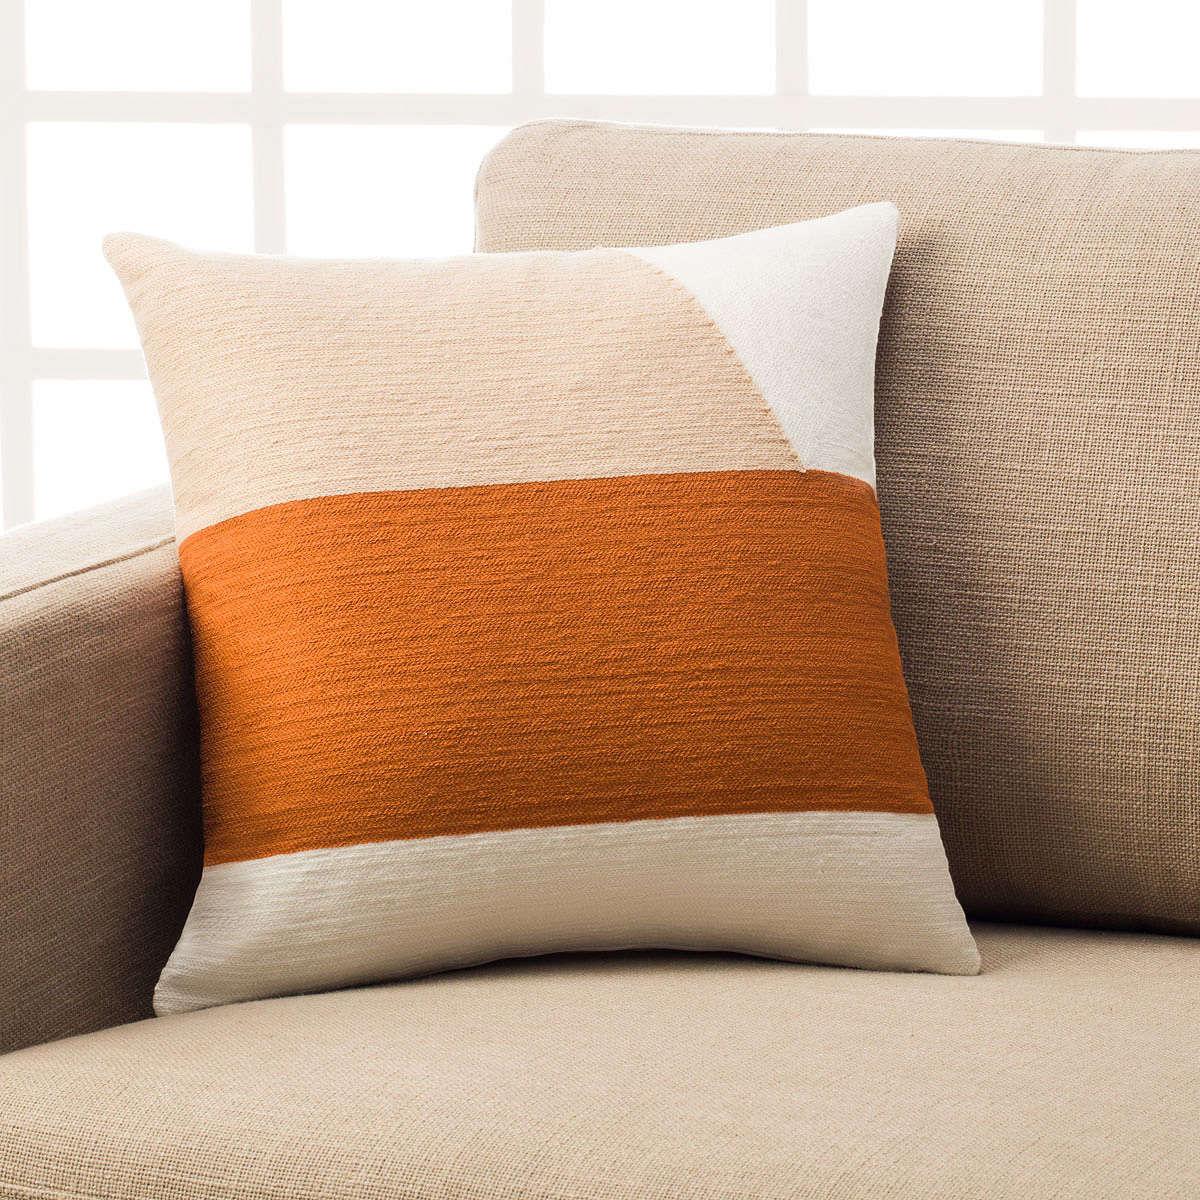 Μαξιλαροθήκη Διακοσμητική Emery Orange 295/03 Gofis Home 45X45 100% Polyester